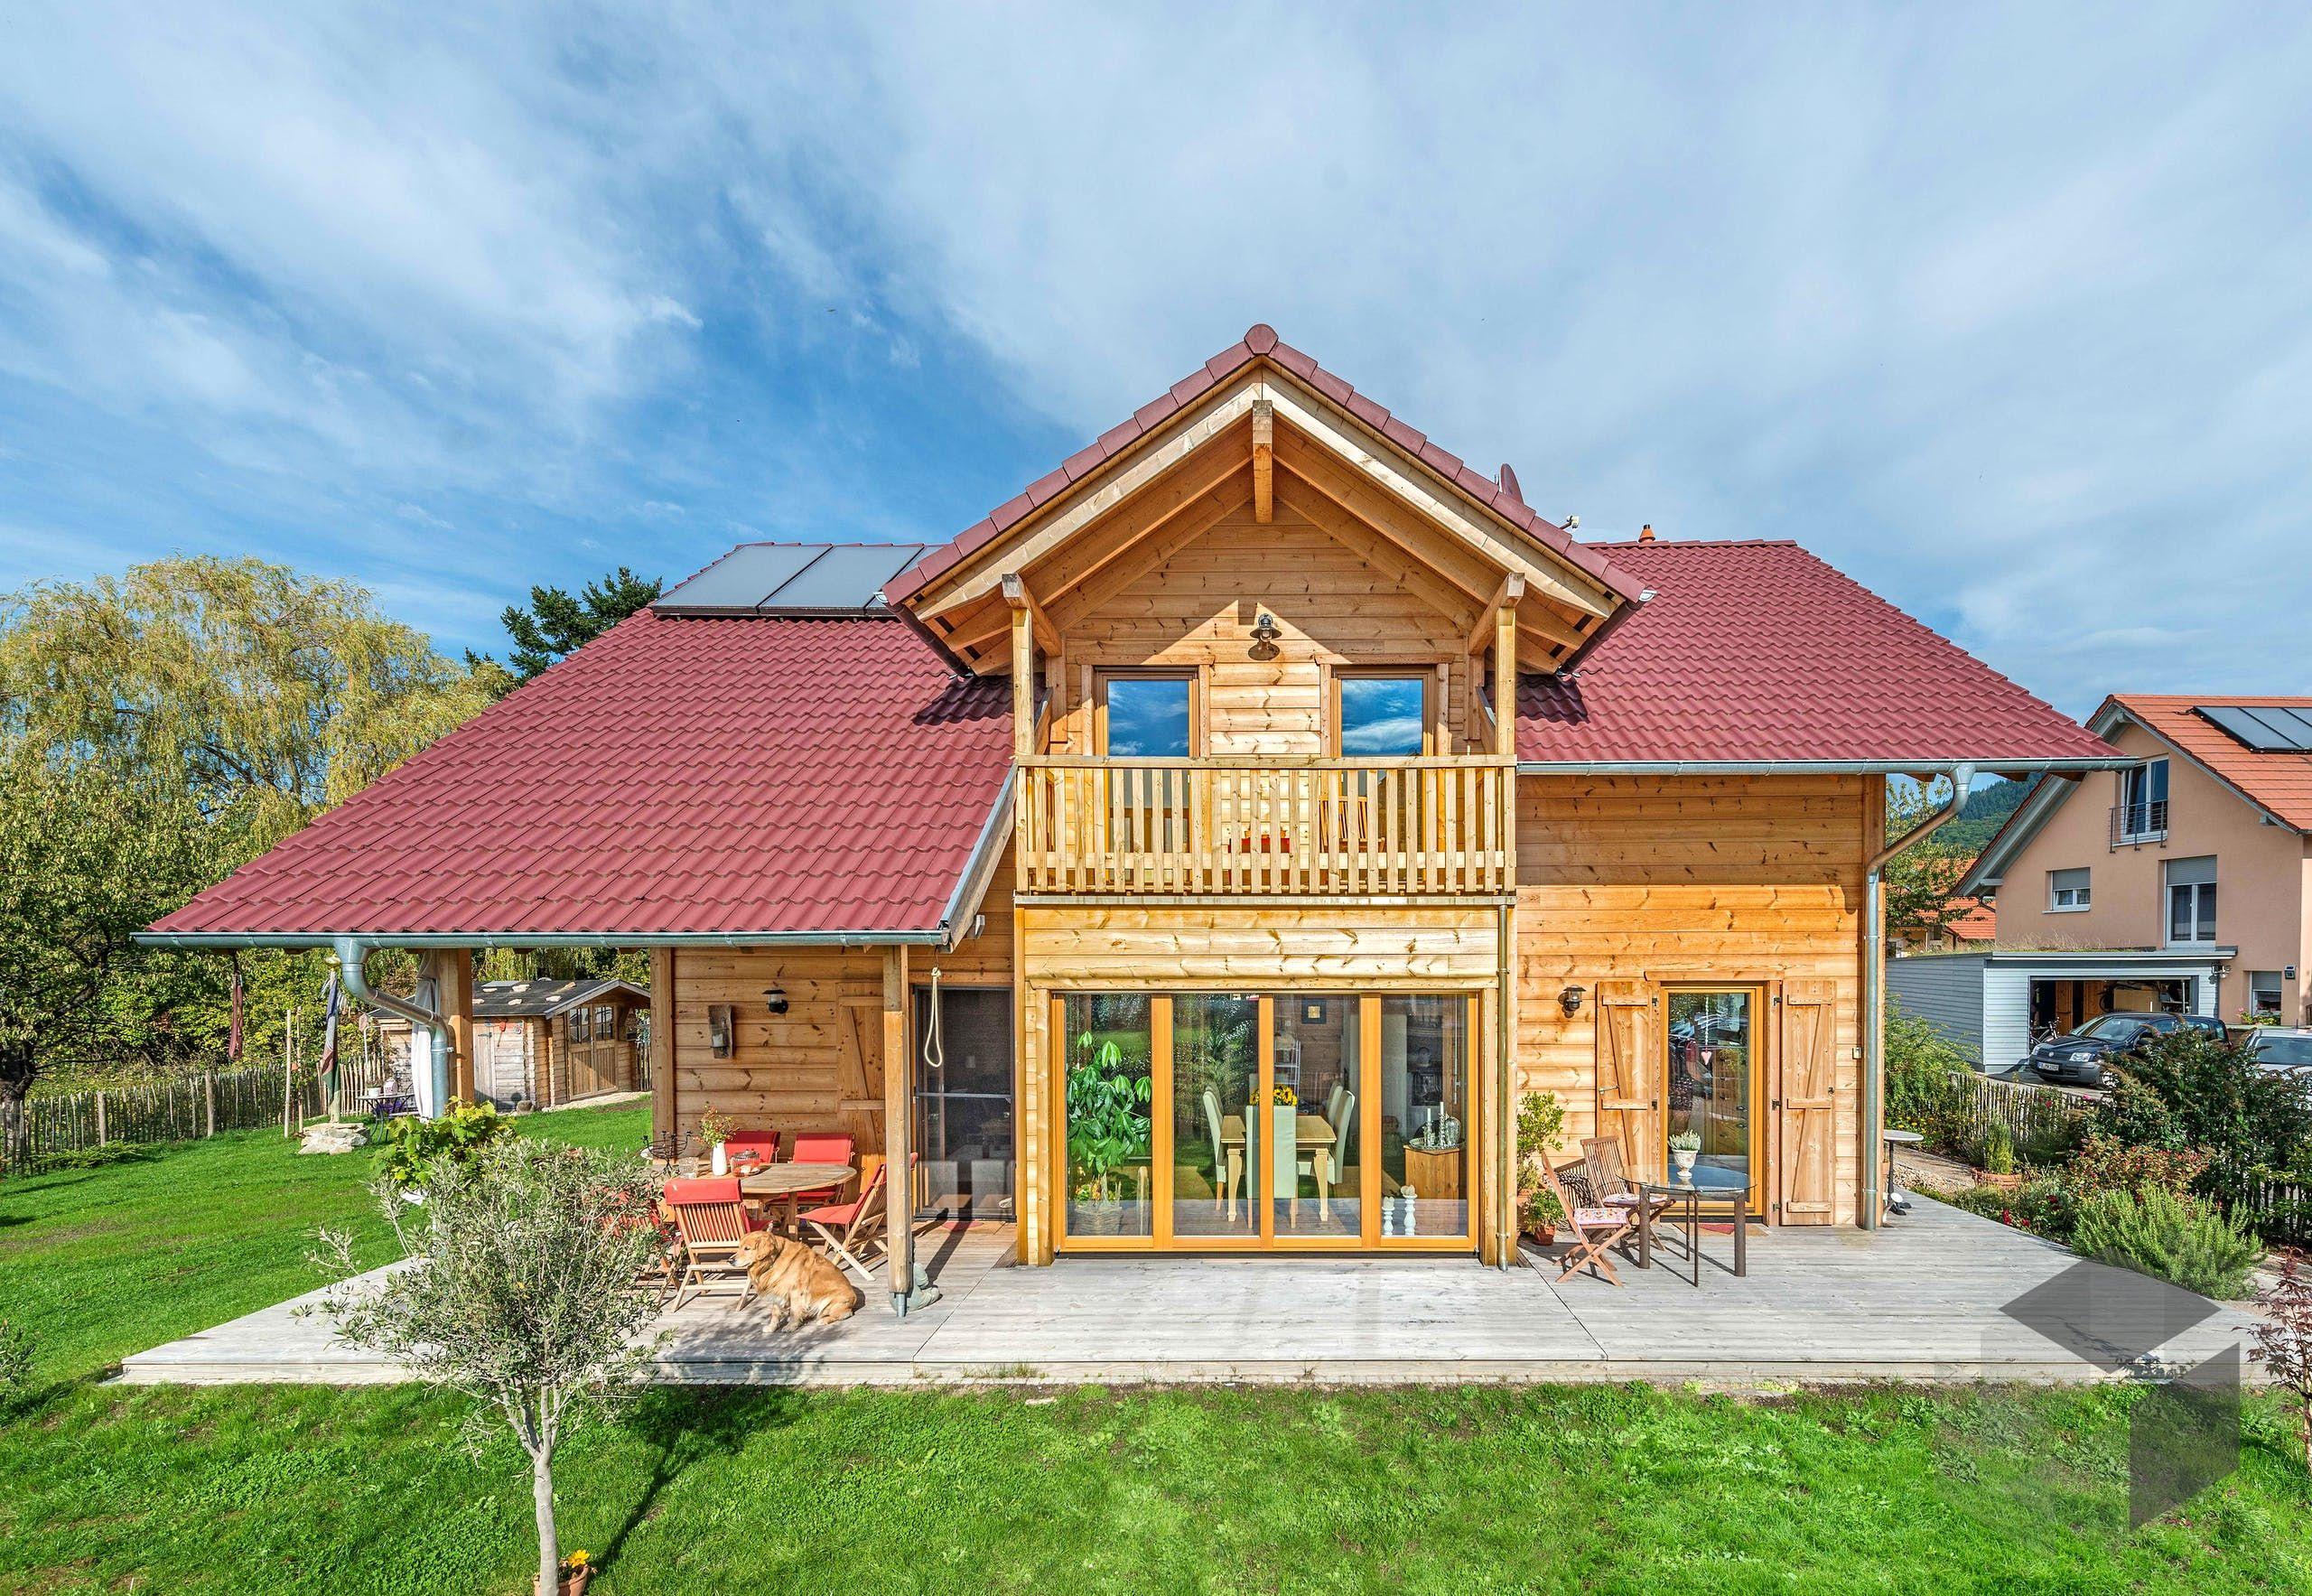 Holzhaus 'Holz 155' von Frammelsberger R. Ingenieur